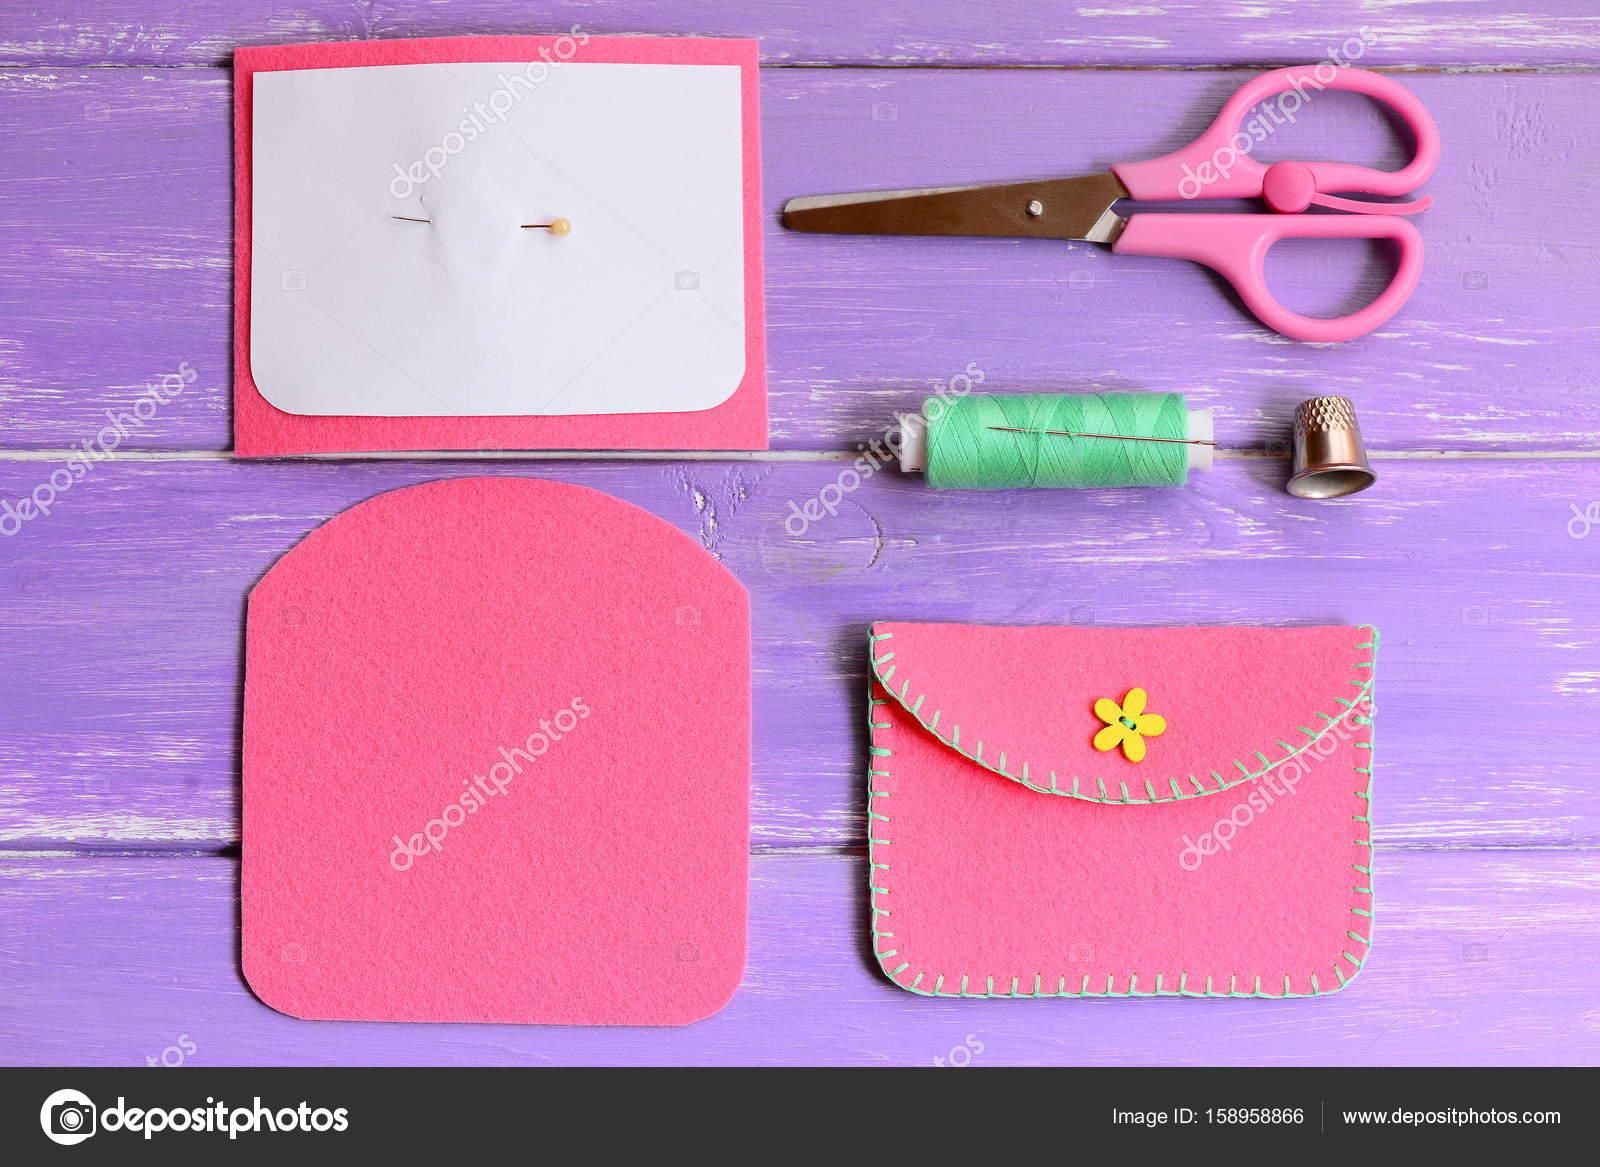 Rosa Filz/Geldbörse mit Schaltfläche \